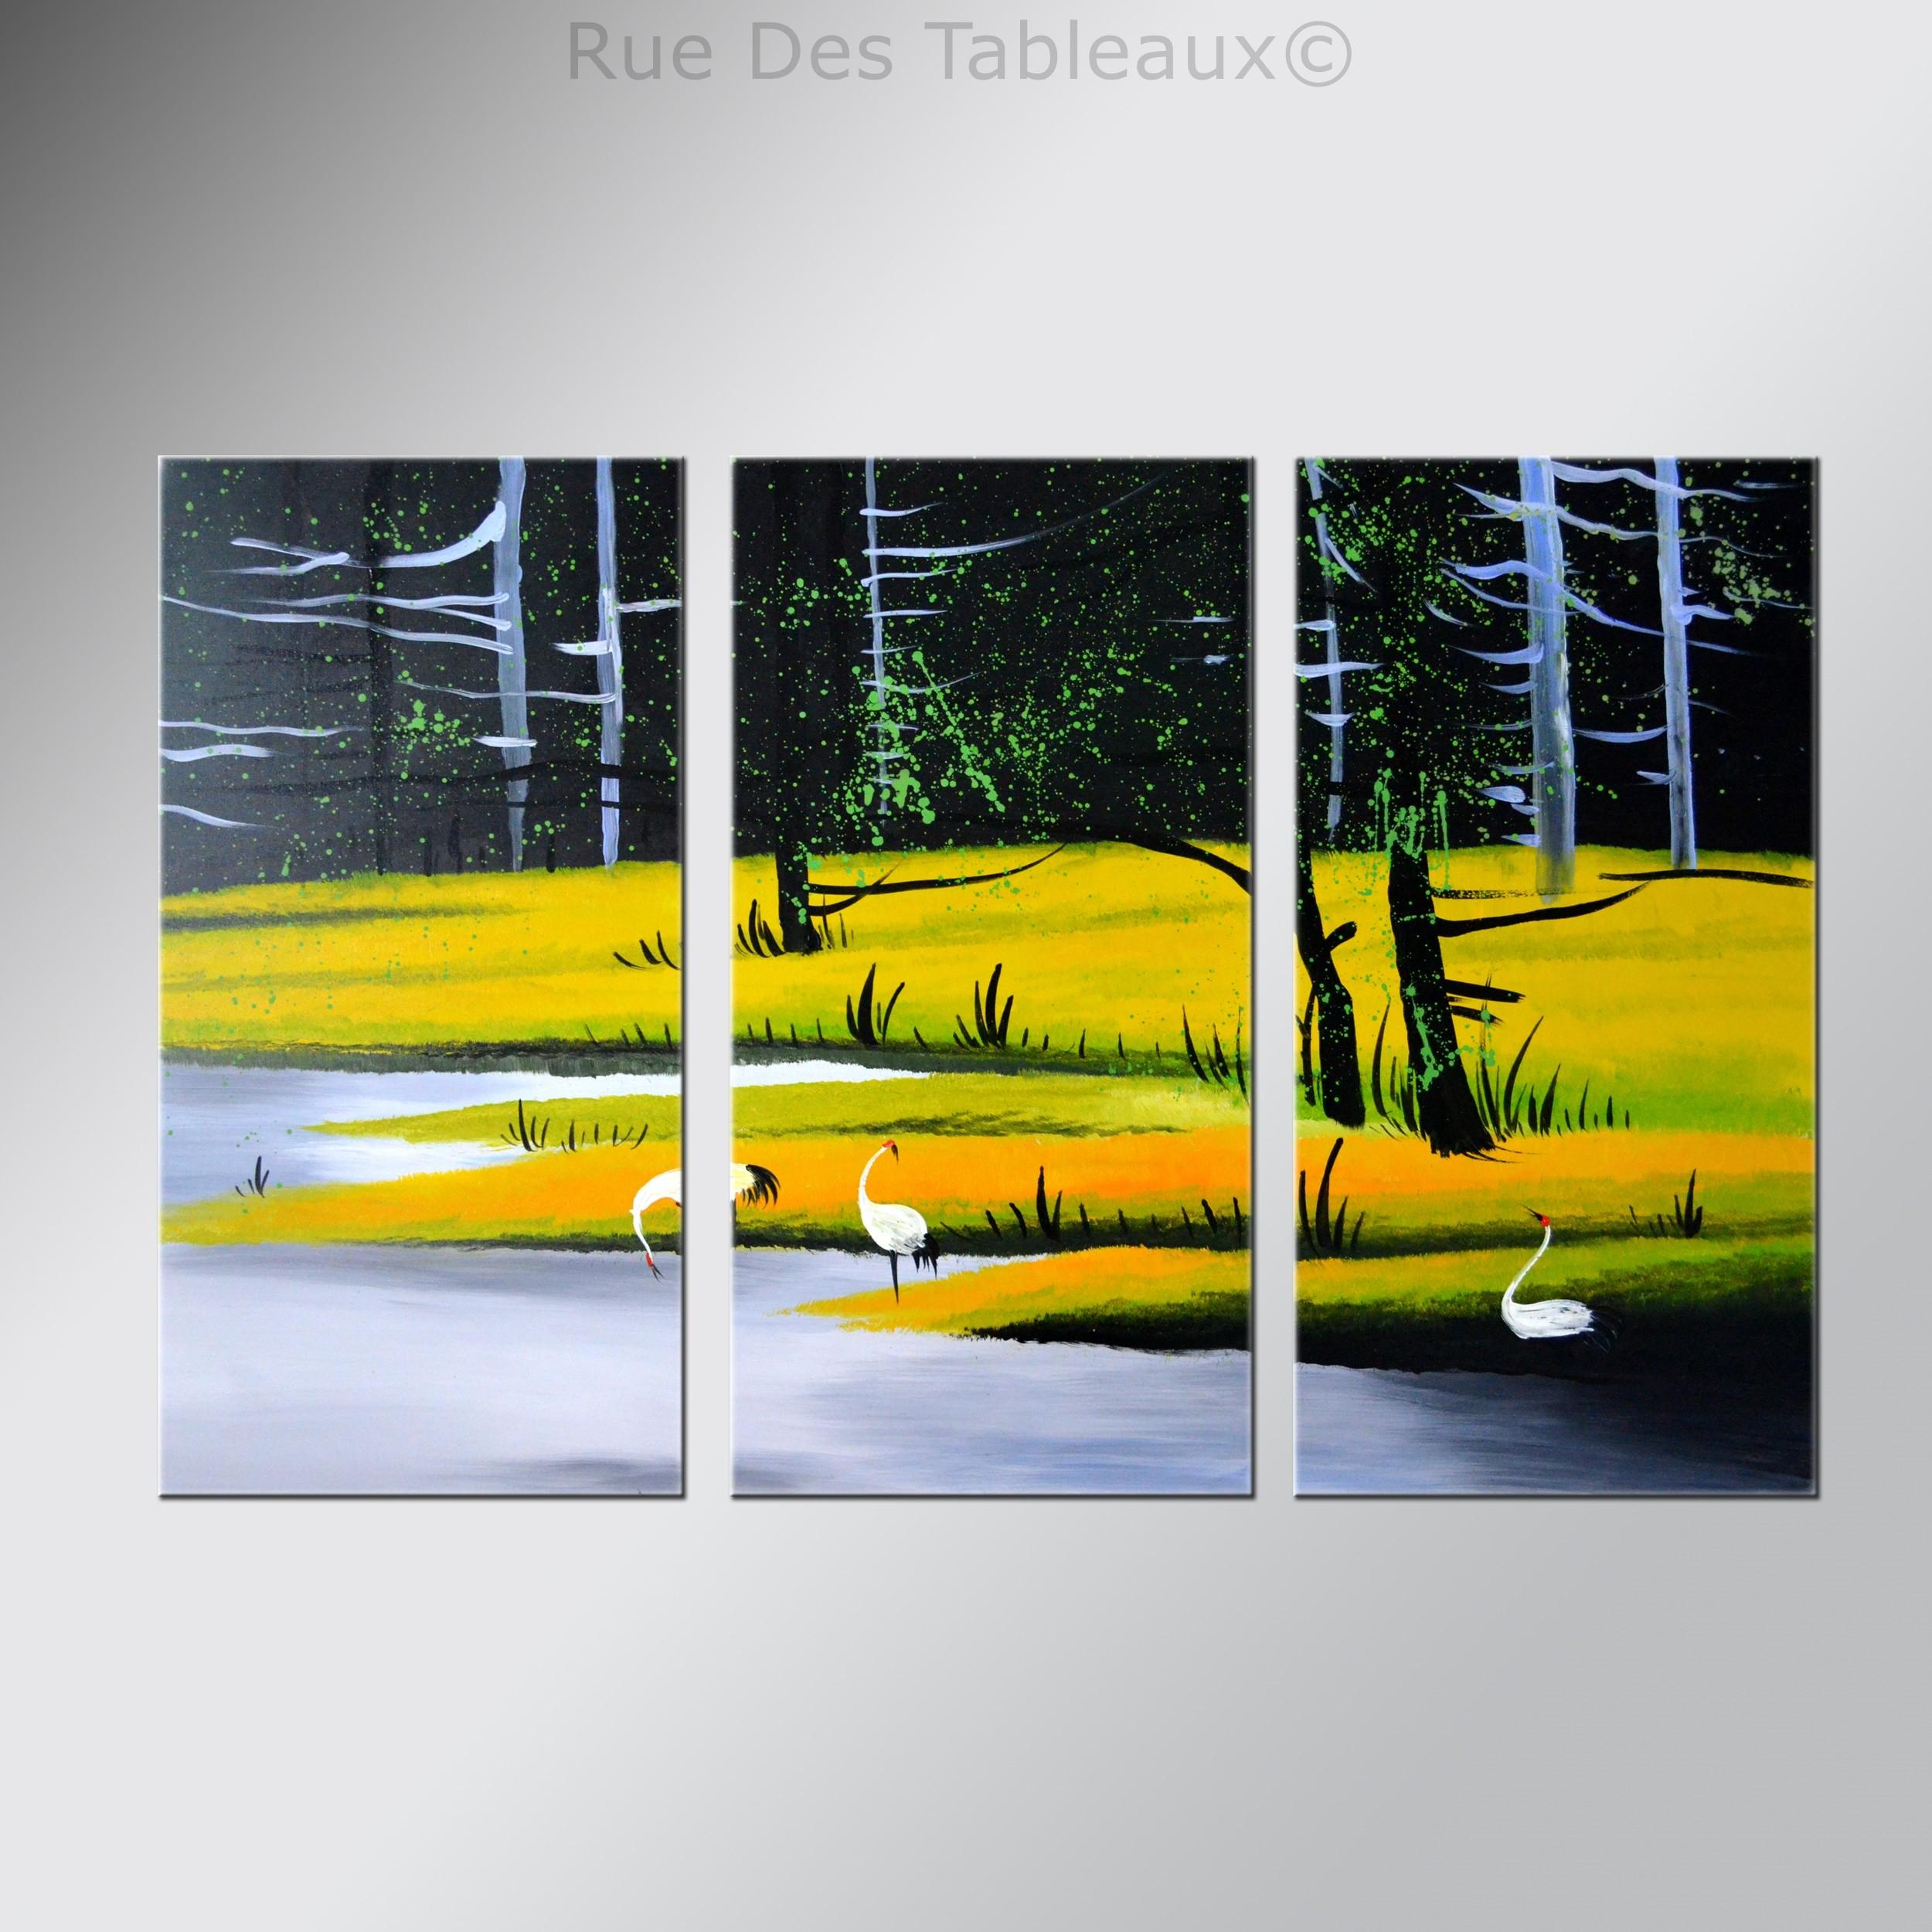 Rue Des Tableaux